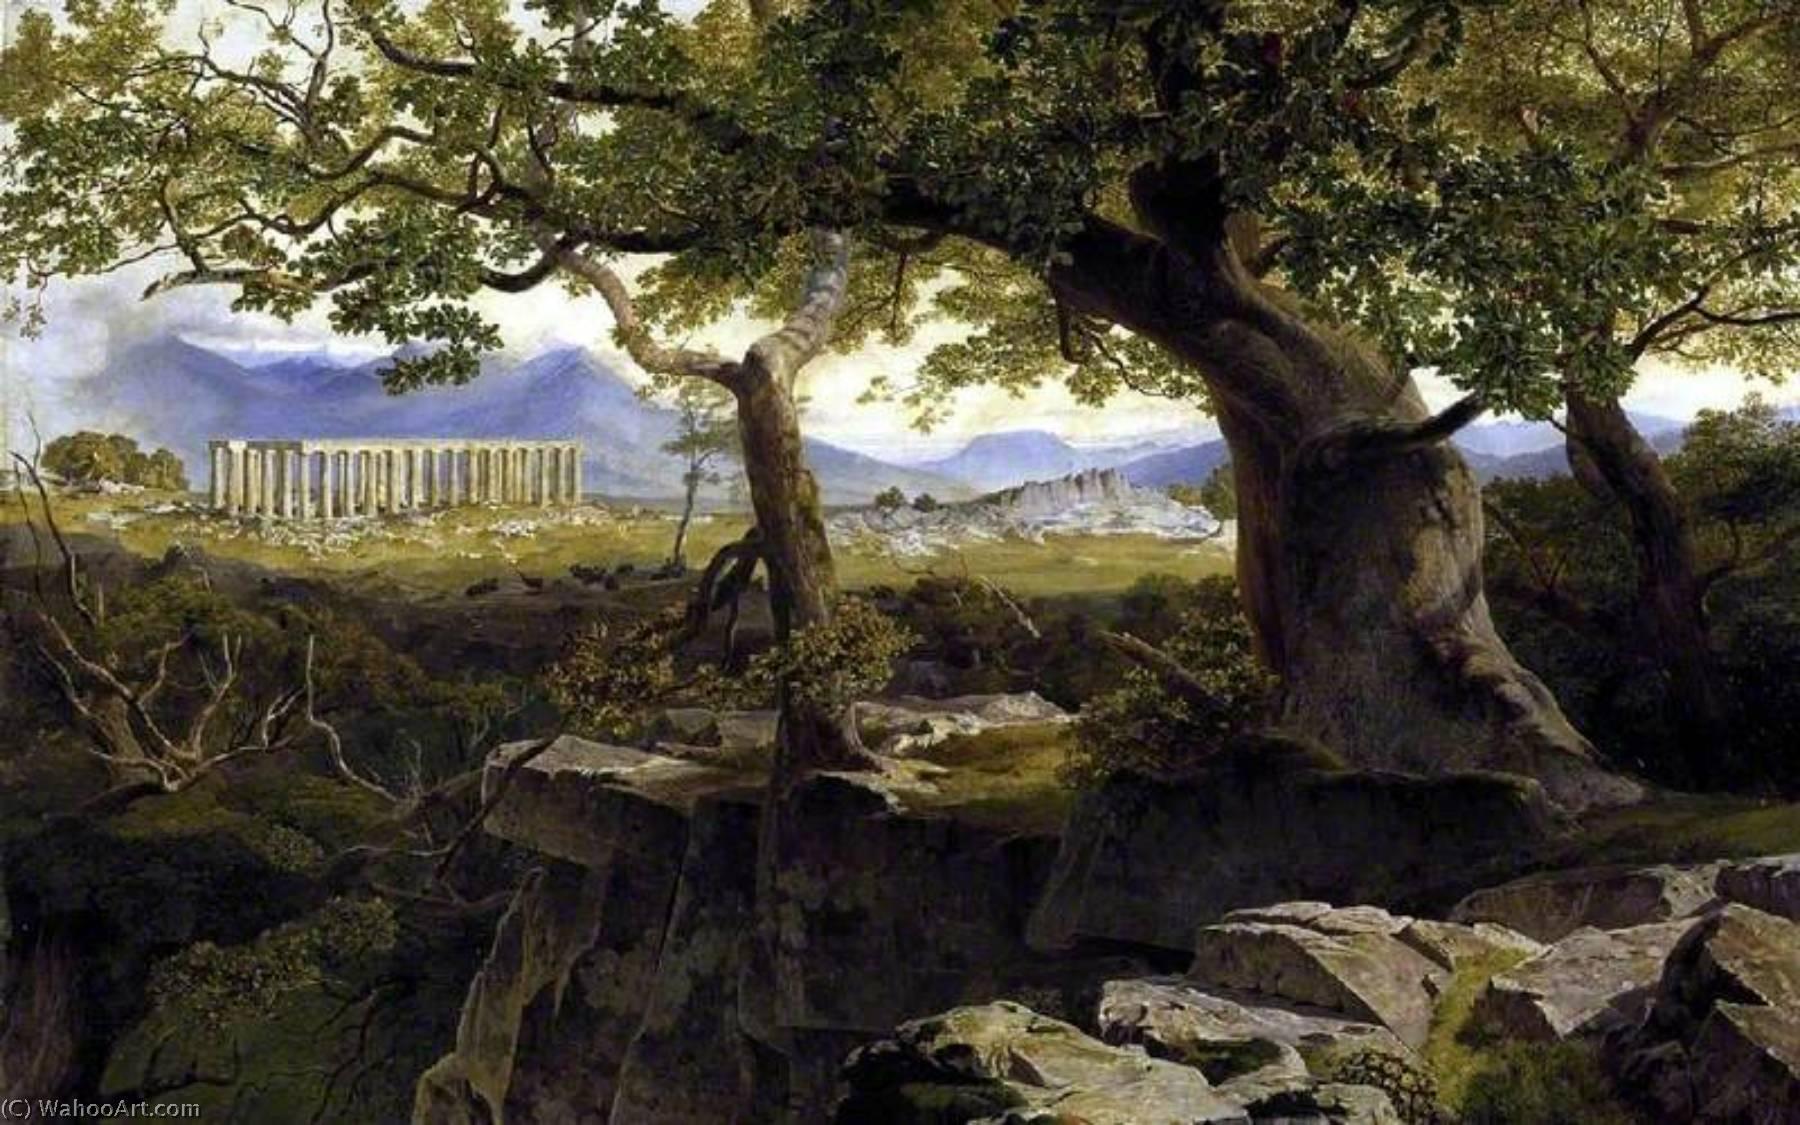 WikiOO.org - Enciclopedia of Fine Arts - Pictura, lucrări de artă Edward Lear - The Temple of Apollo at Bassae